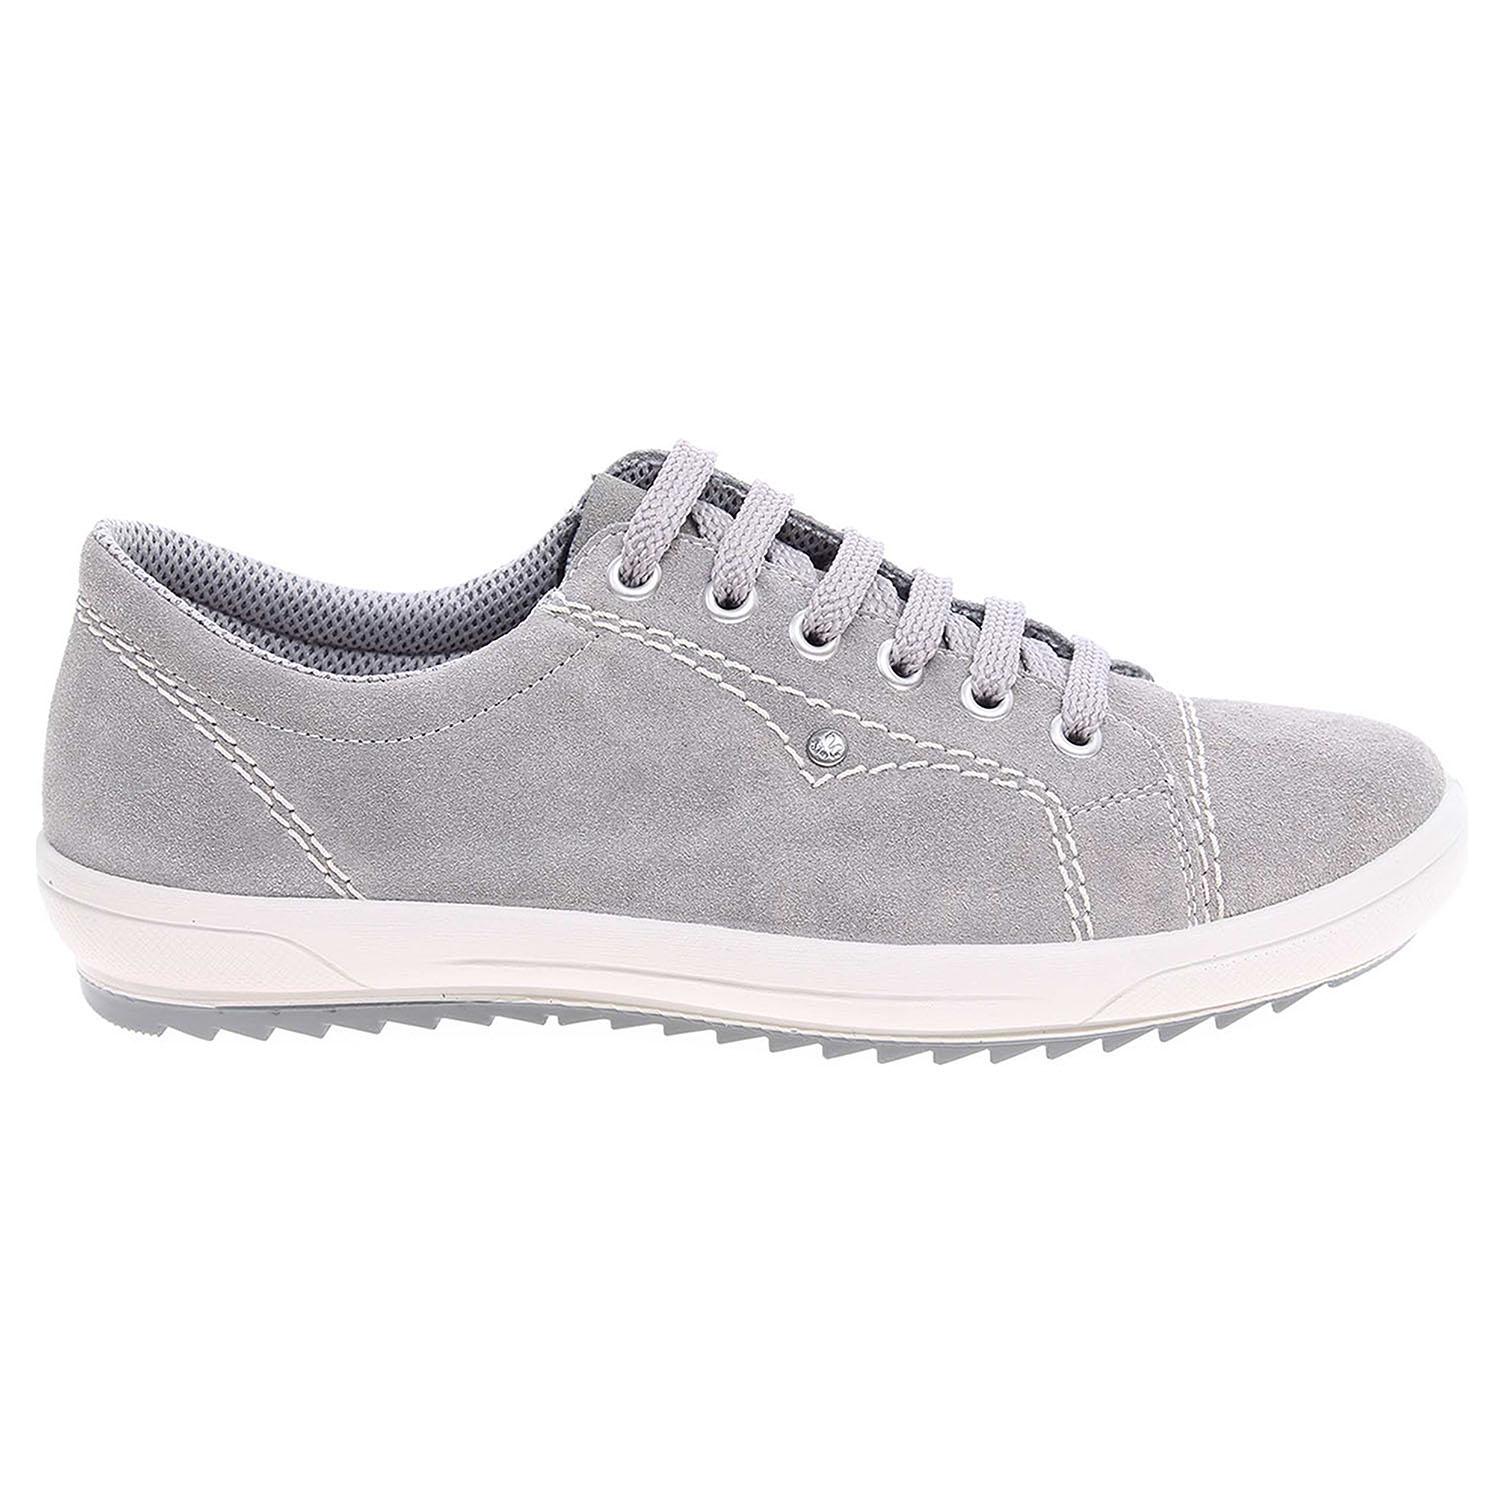 Ecco Rieker dámská obuv M6014-42 šedá 23200597 e8952cf55f